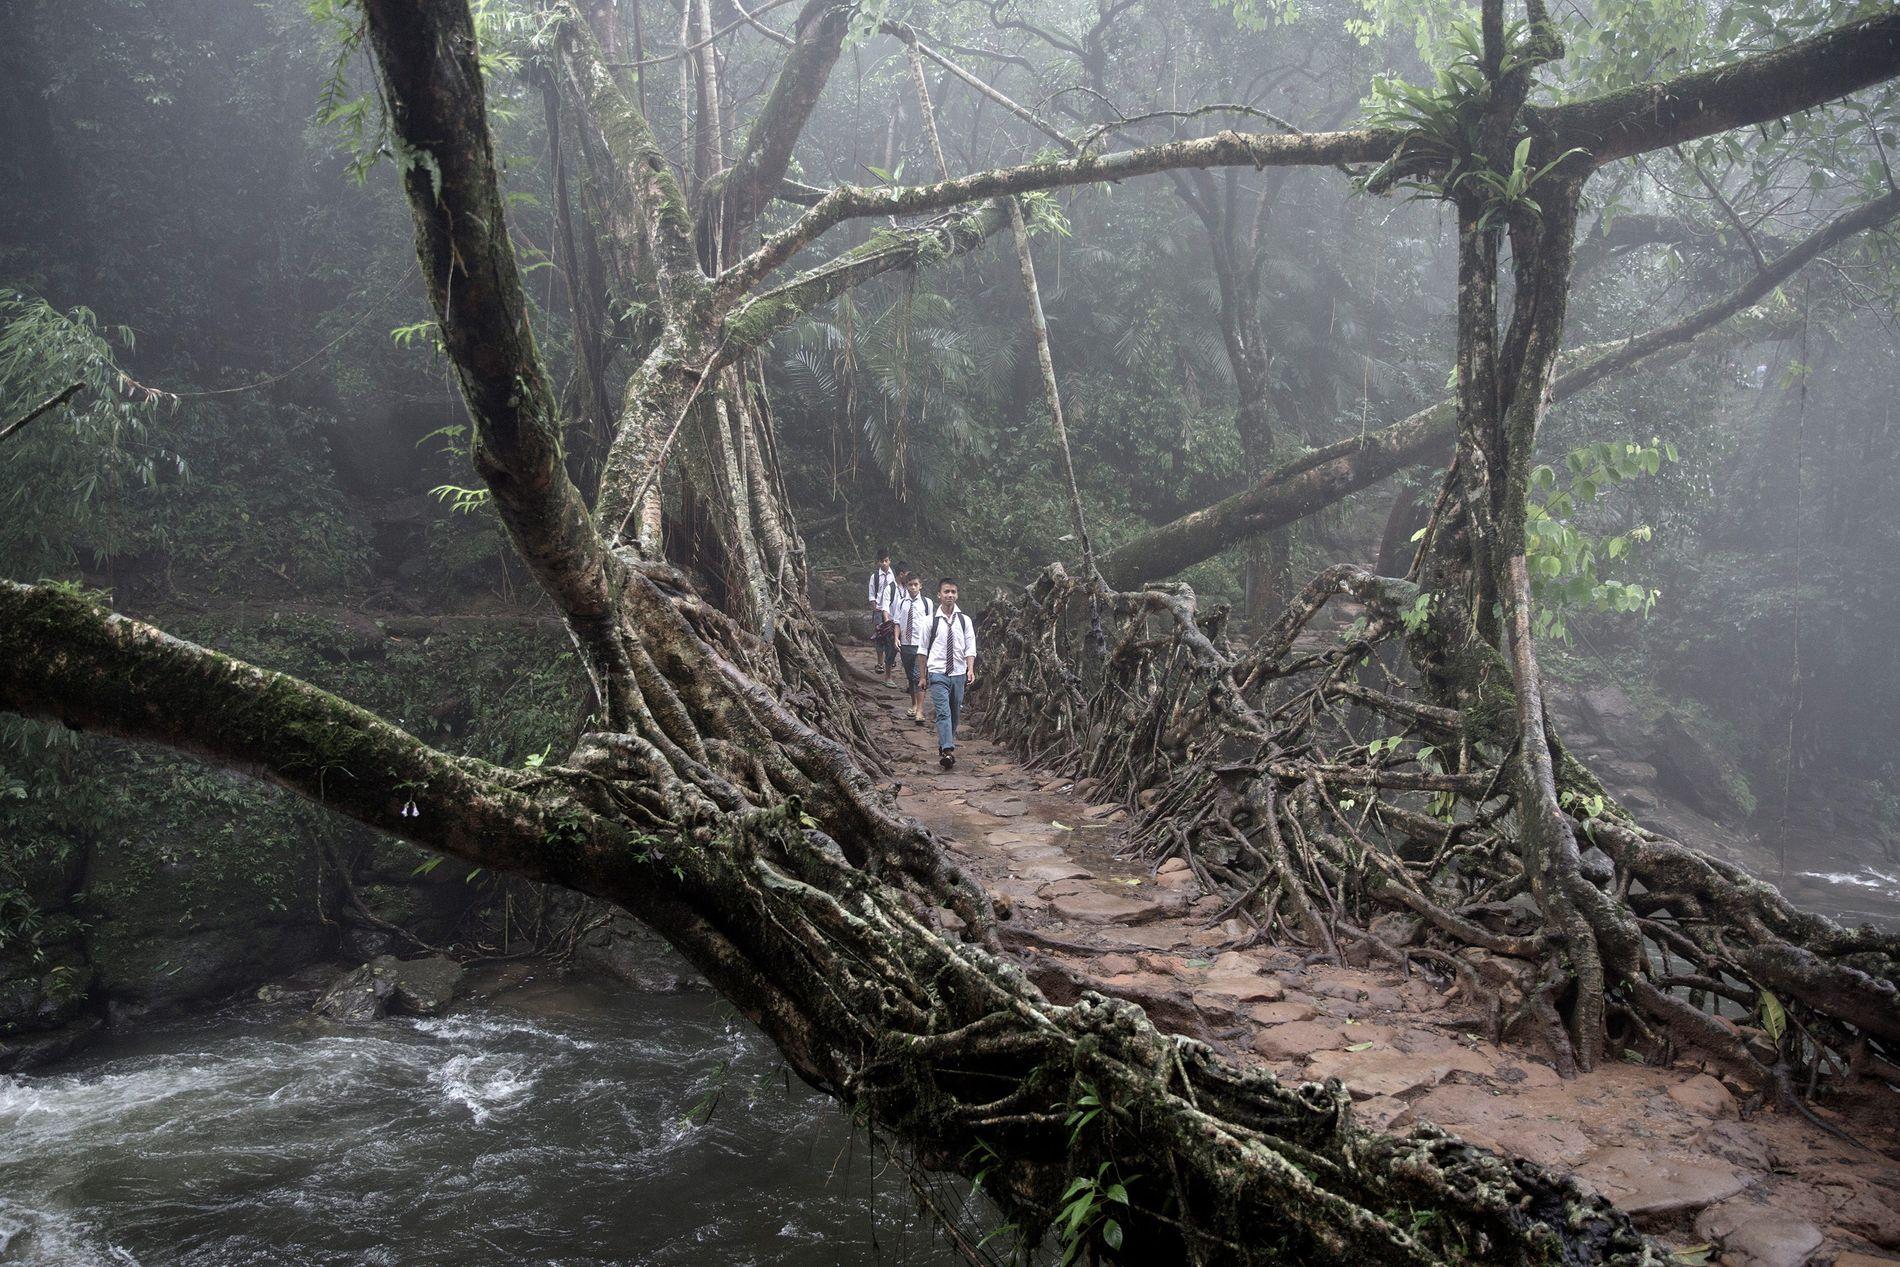 À Meghalaya, dans le East Khasi Hills, un groupe d'enfants traverse un pont racine vivant. Les ponts sont essentiels pour relier les villages dans un paysage vertical.